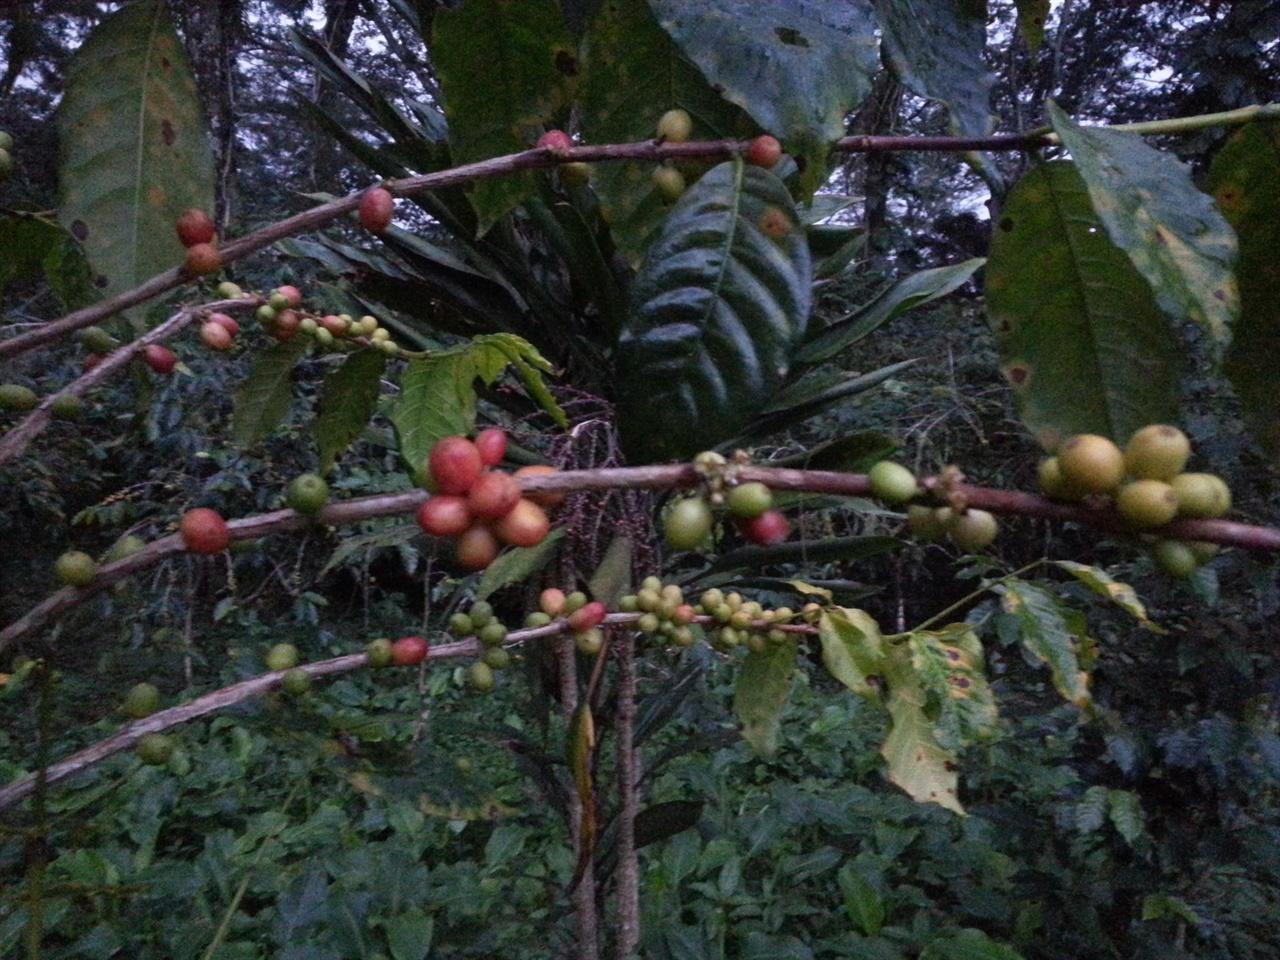 소그룹 학빛 커피생산자협동조합 학빛(Hakbit) 오르다 만난 커피나무